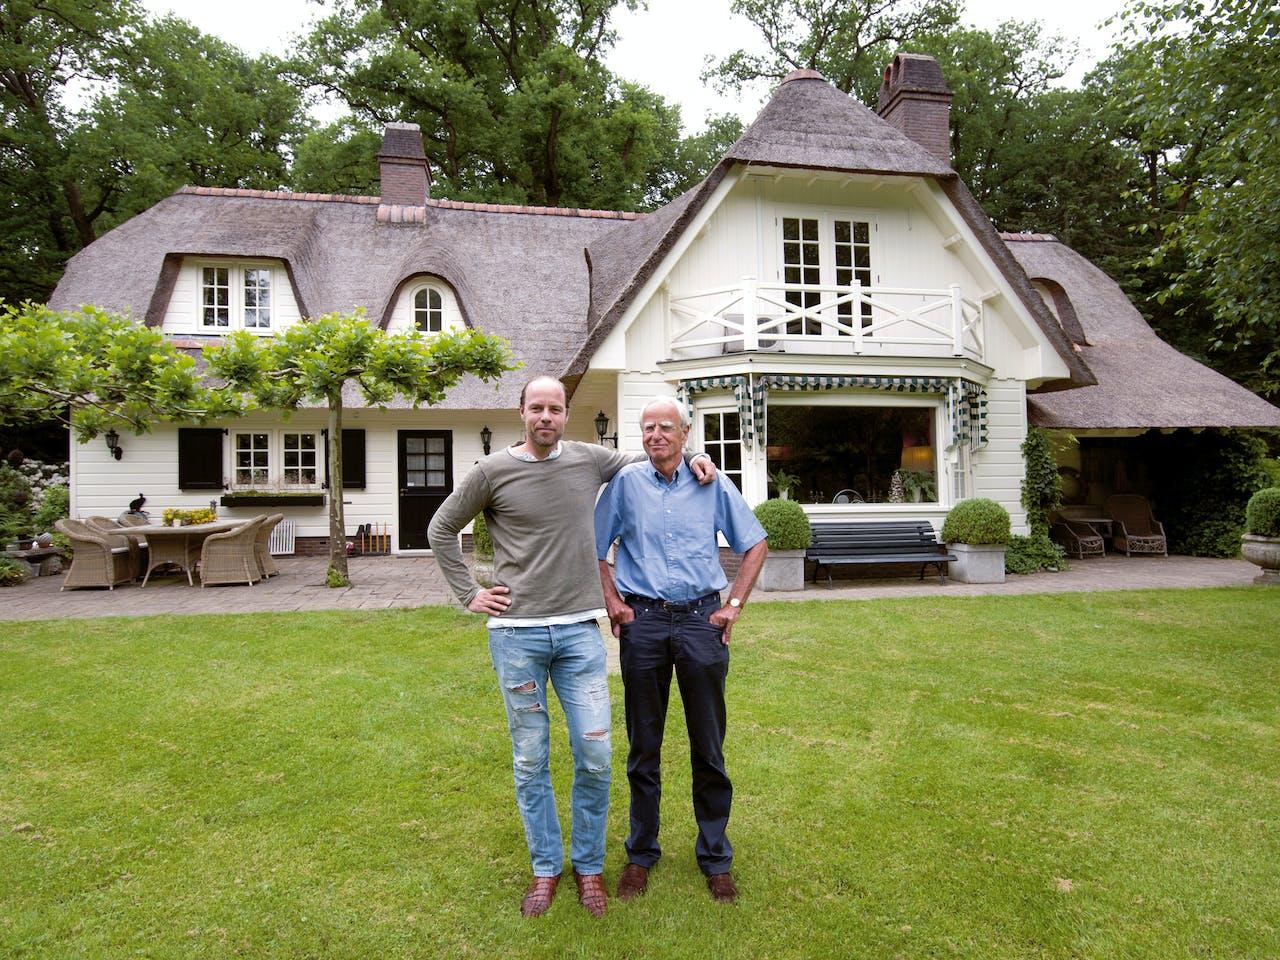 Vader Gijs (74) en zoon Maarten (42) Beucker Andreae: 'Hier ouwe, hier is je sleutel terug.'